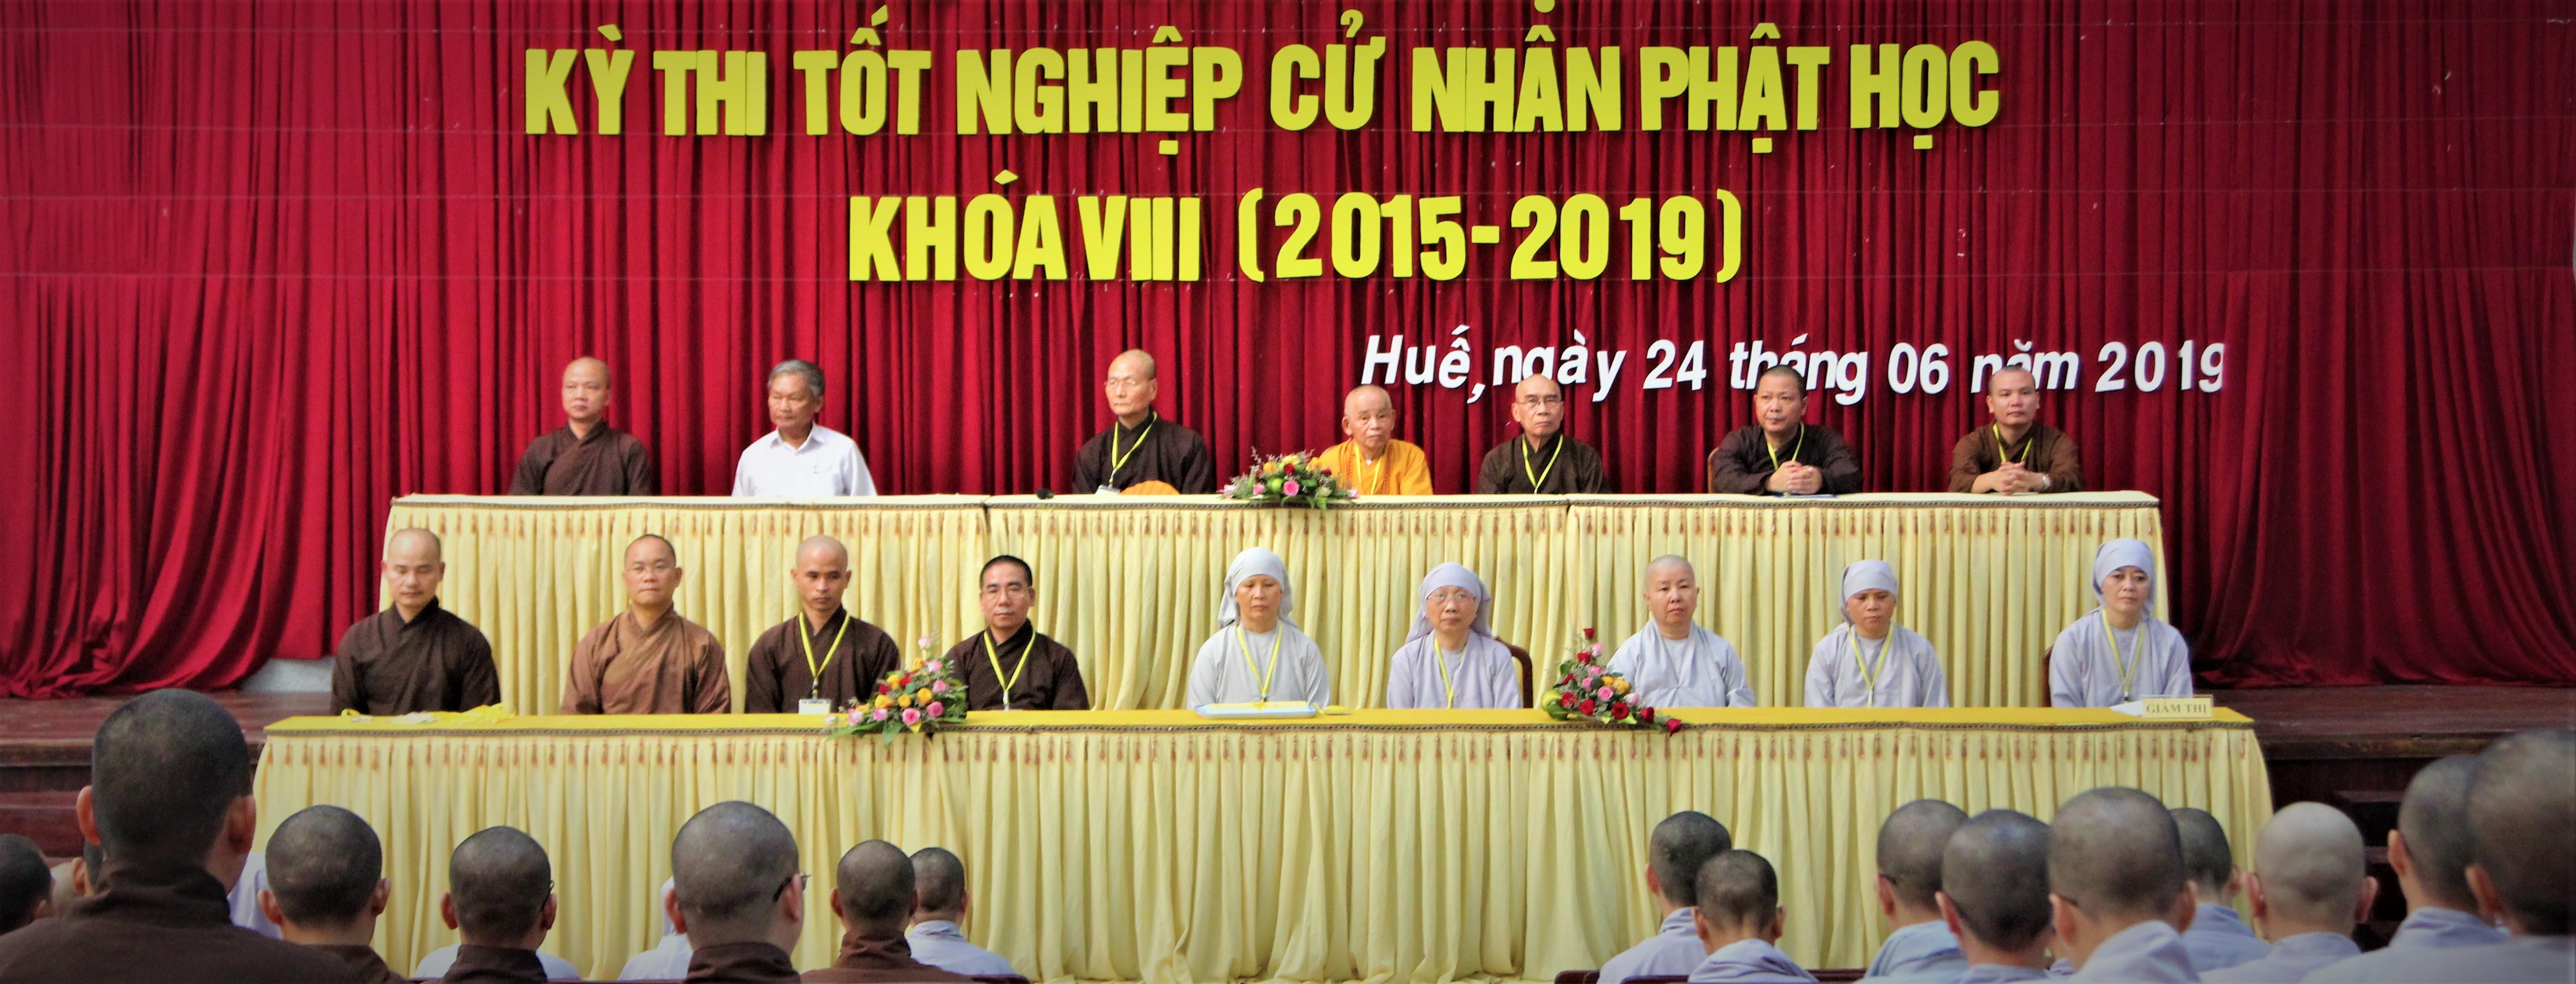 Khai mạc kỳ thi Tốt nghiệp Cử nhân Phật học khóa VIII